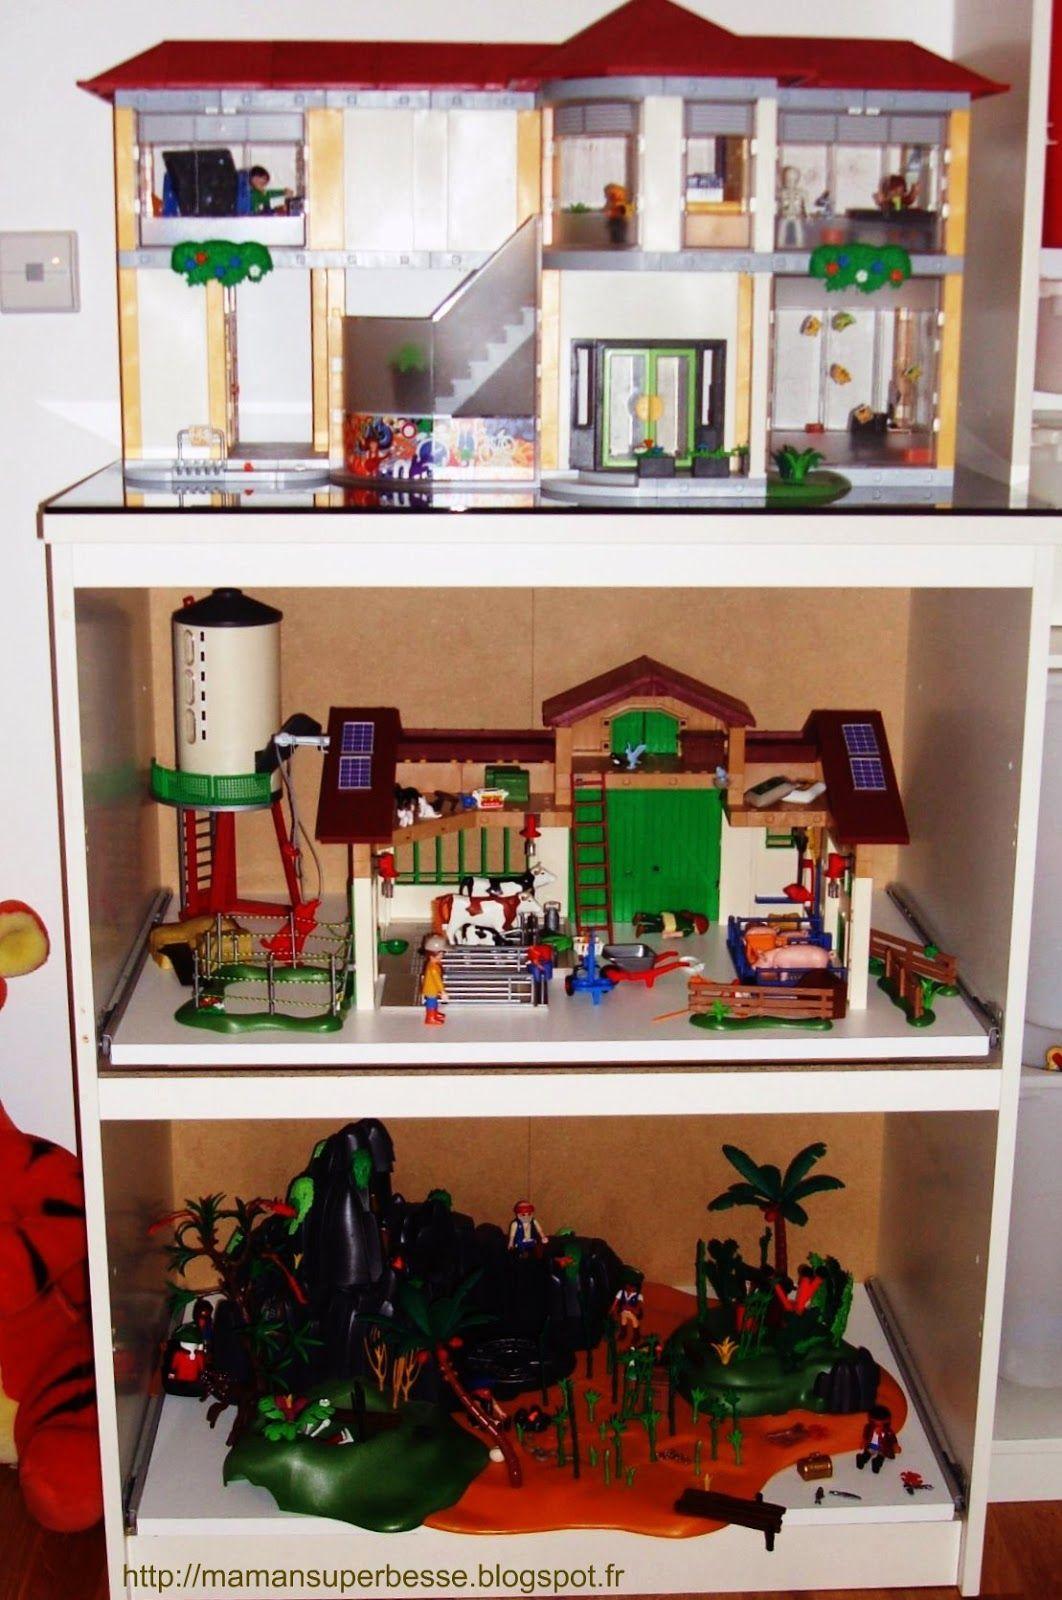 y 39 a maman la maison meuble playmobil organisation pr t jouer id e chambre flora. Black Bedroom Furniture Sets. Home Design Ideas